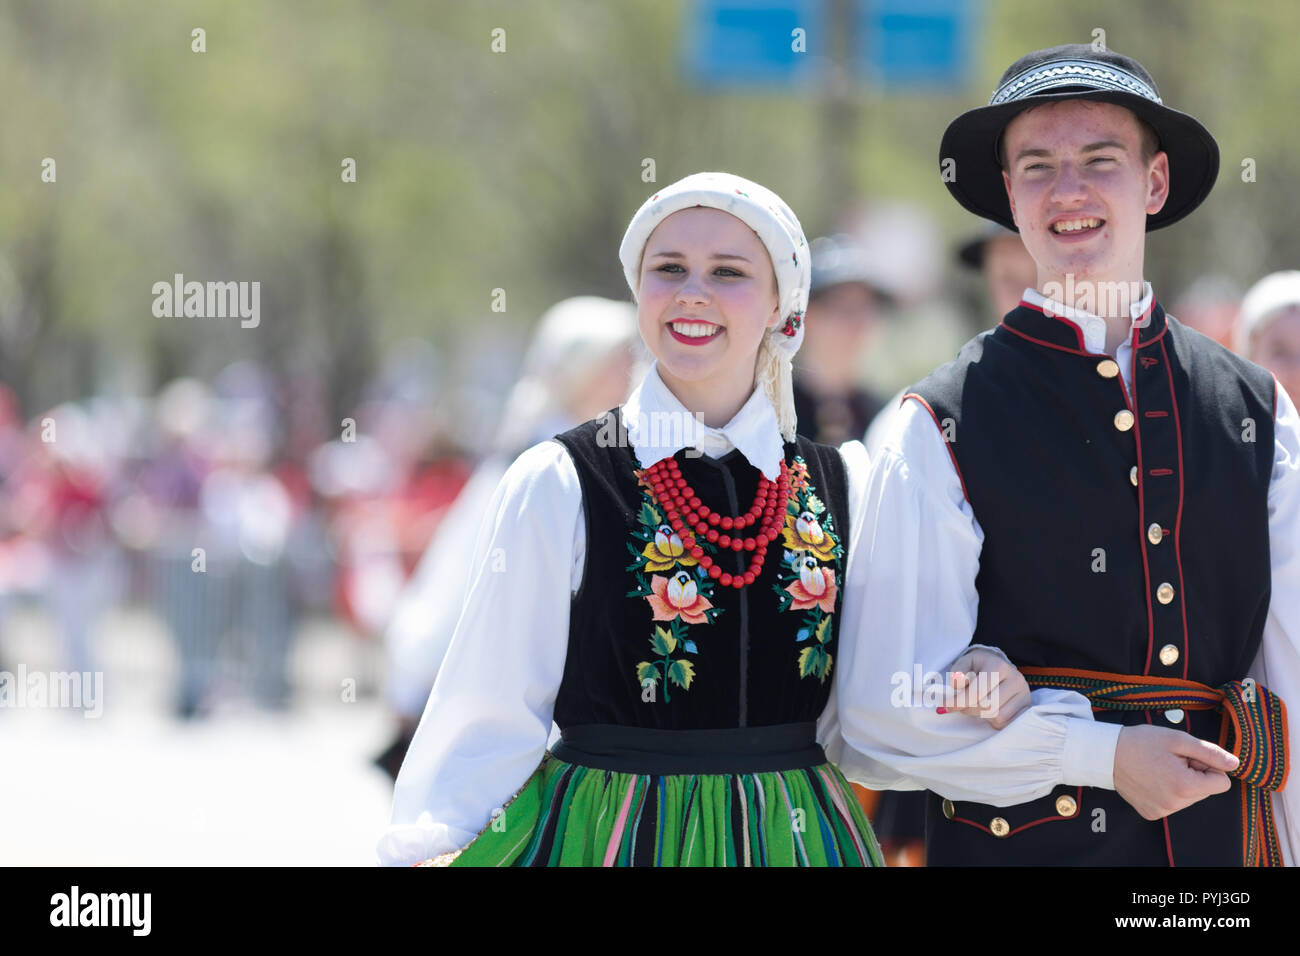 Polish men dating chicago